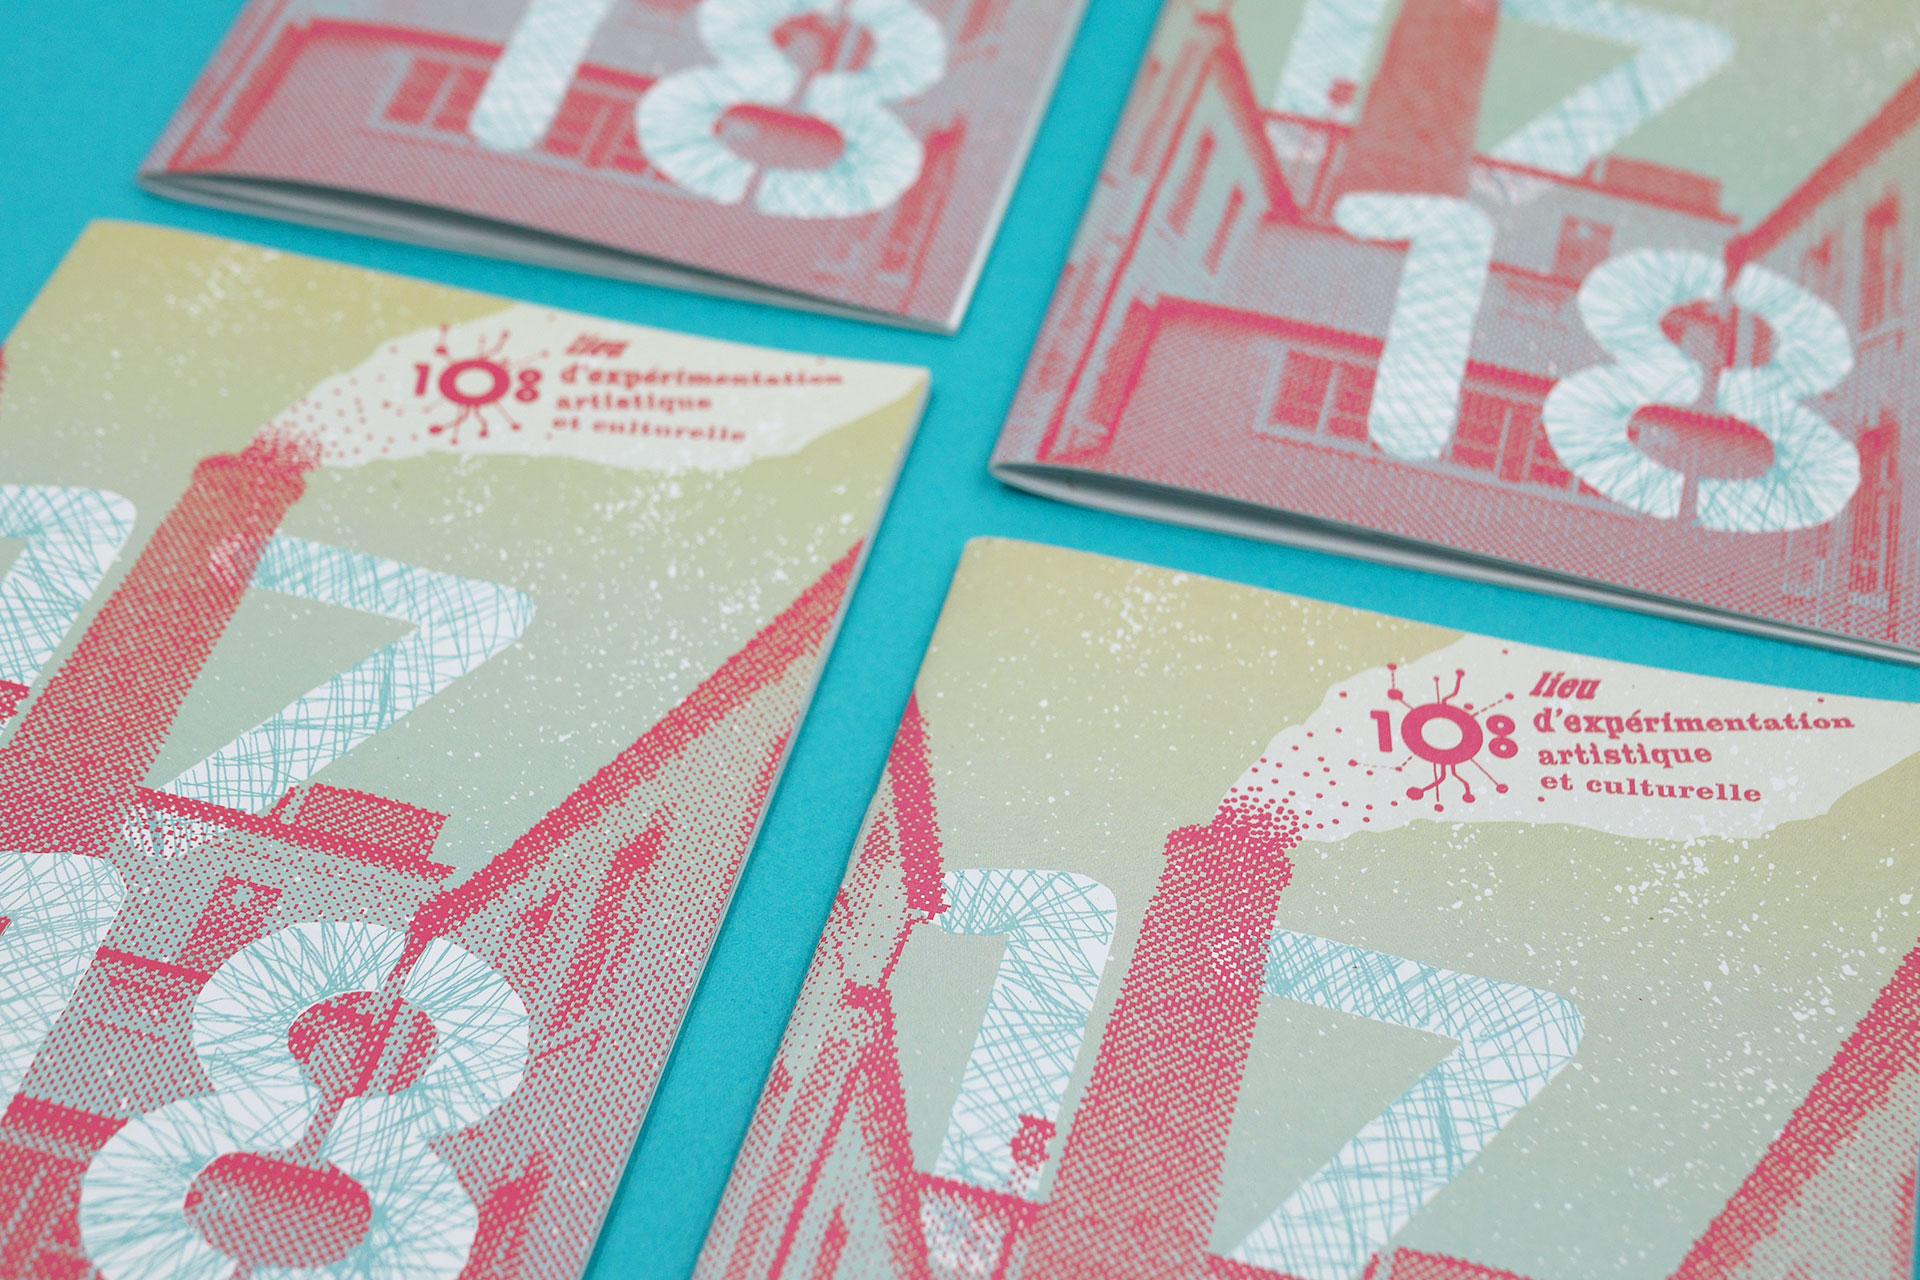 Zoom couverture du livret le 108 © Morgane Baltzer